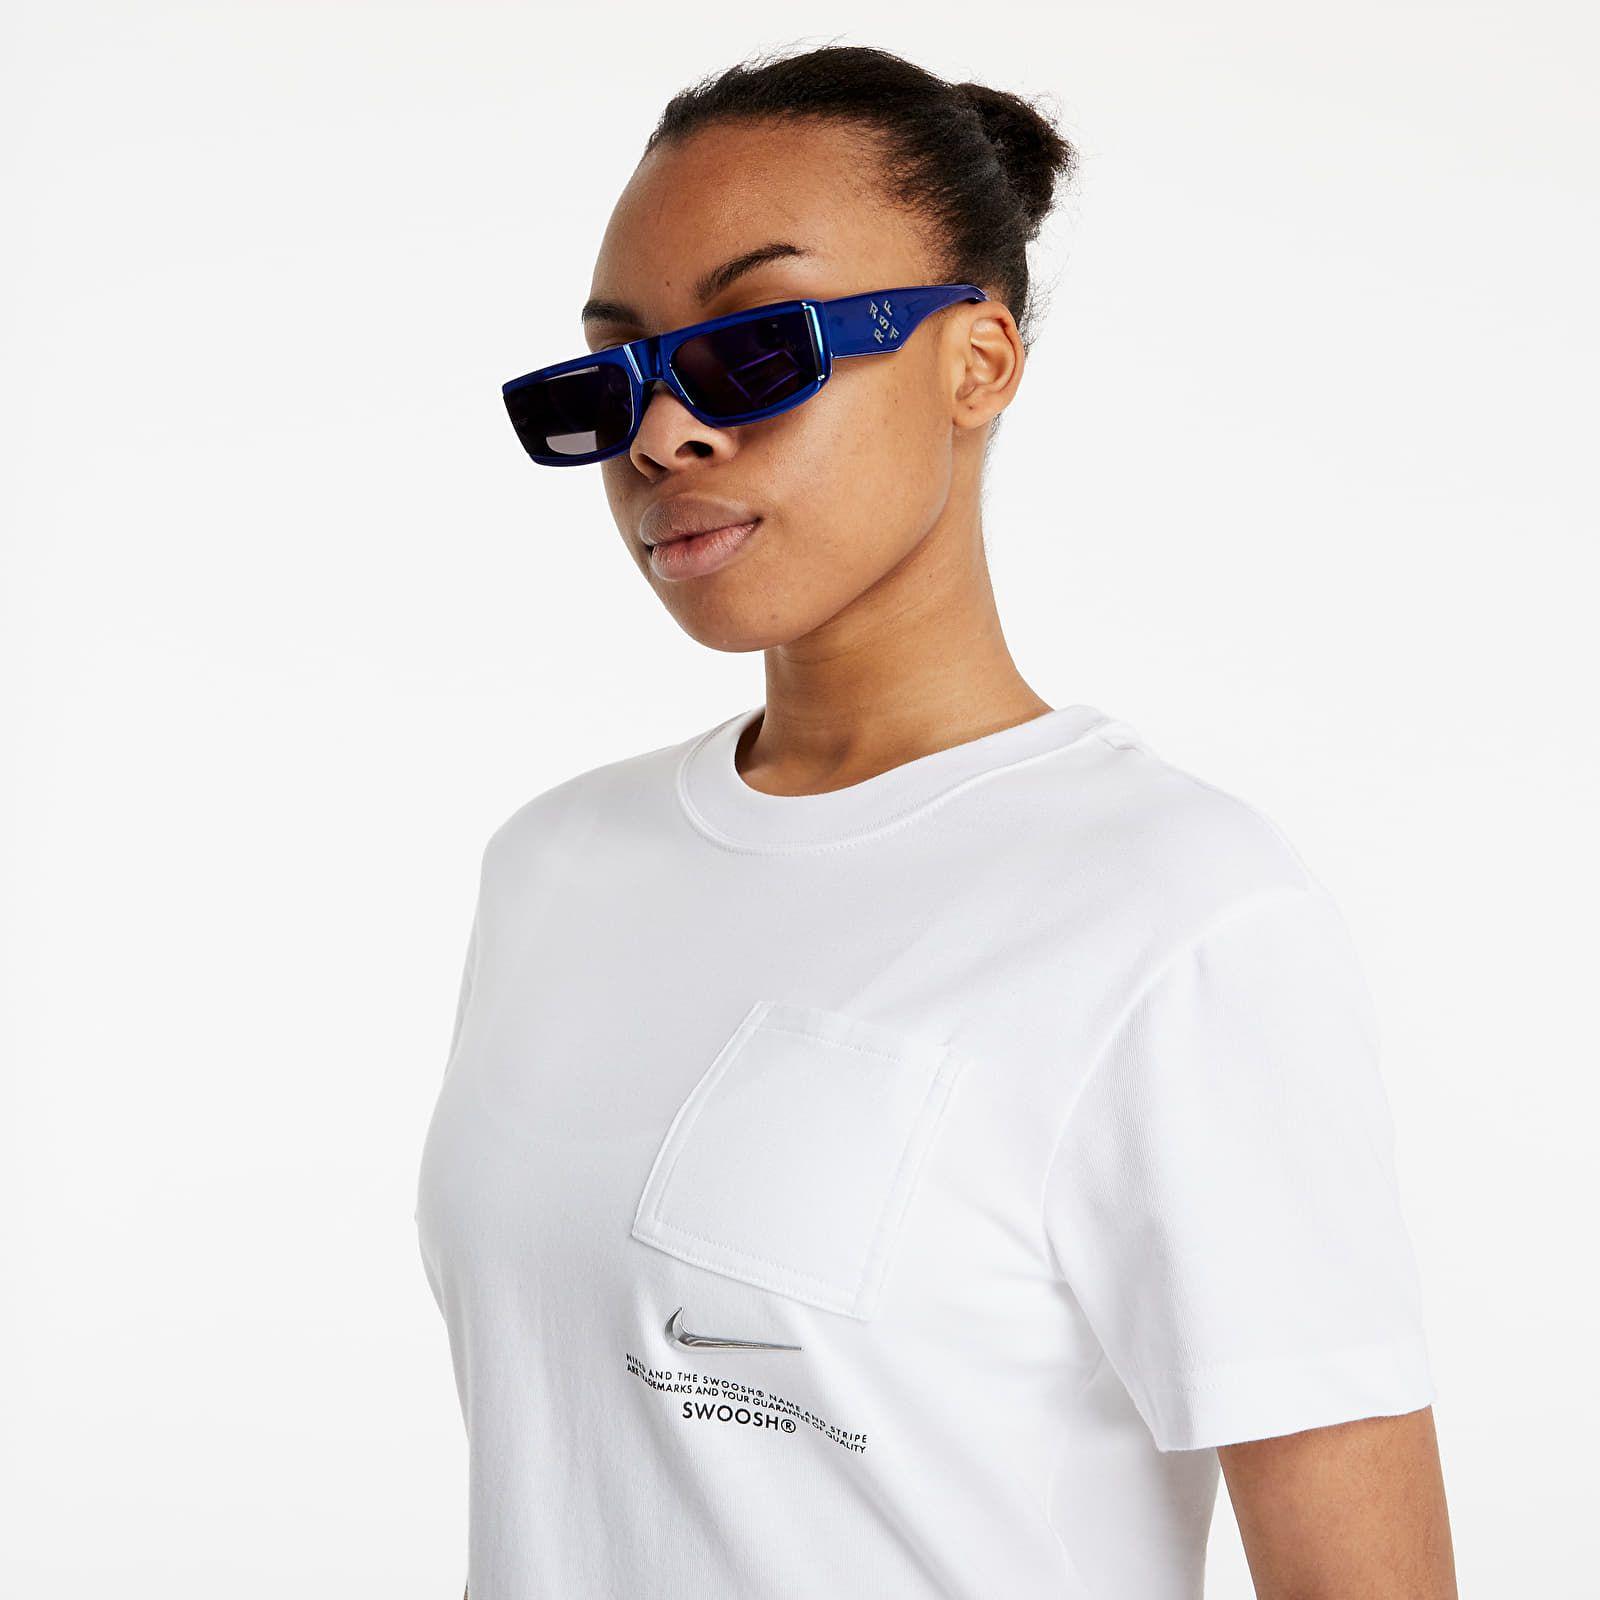 Biele tričko je skvelým základom jarných outfitov. Vybrali sme 20 najzaujímavejších kúskov pre každý rozpočet